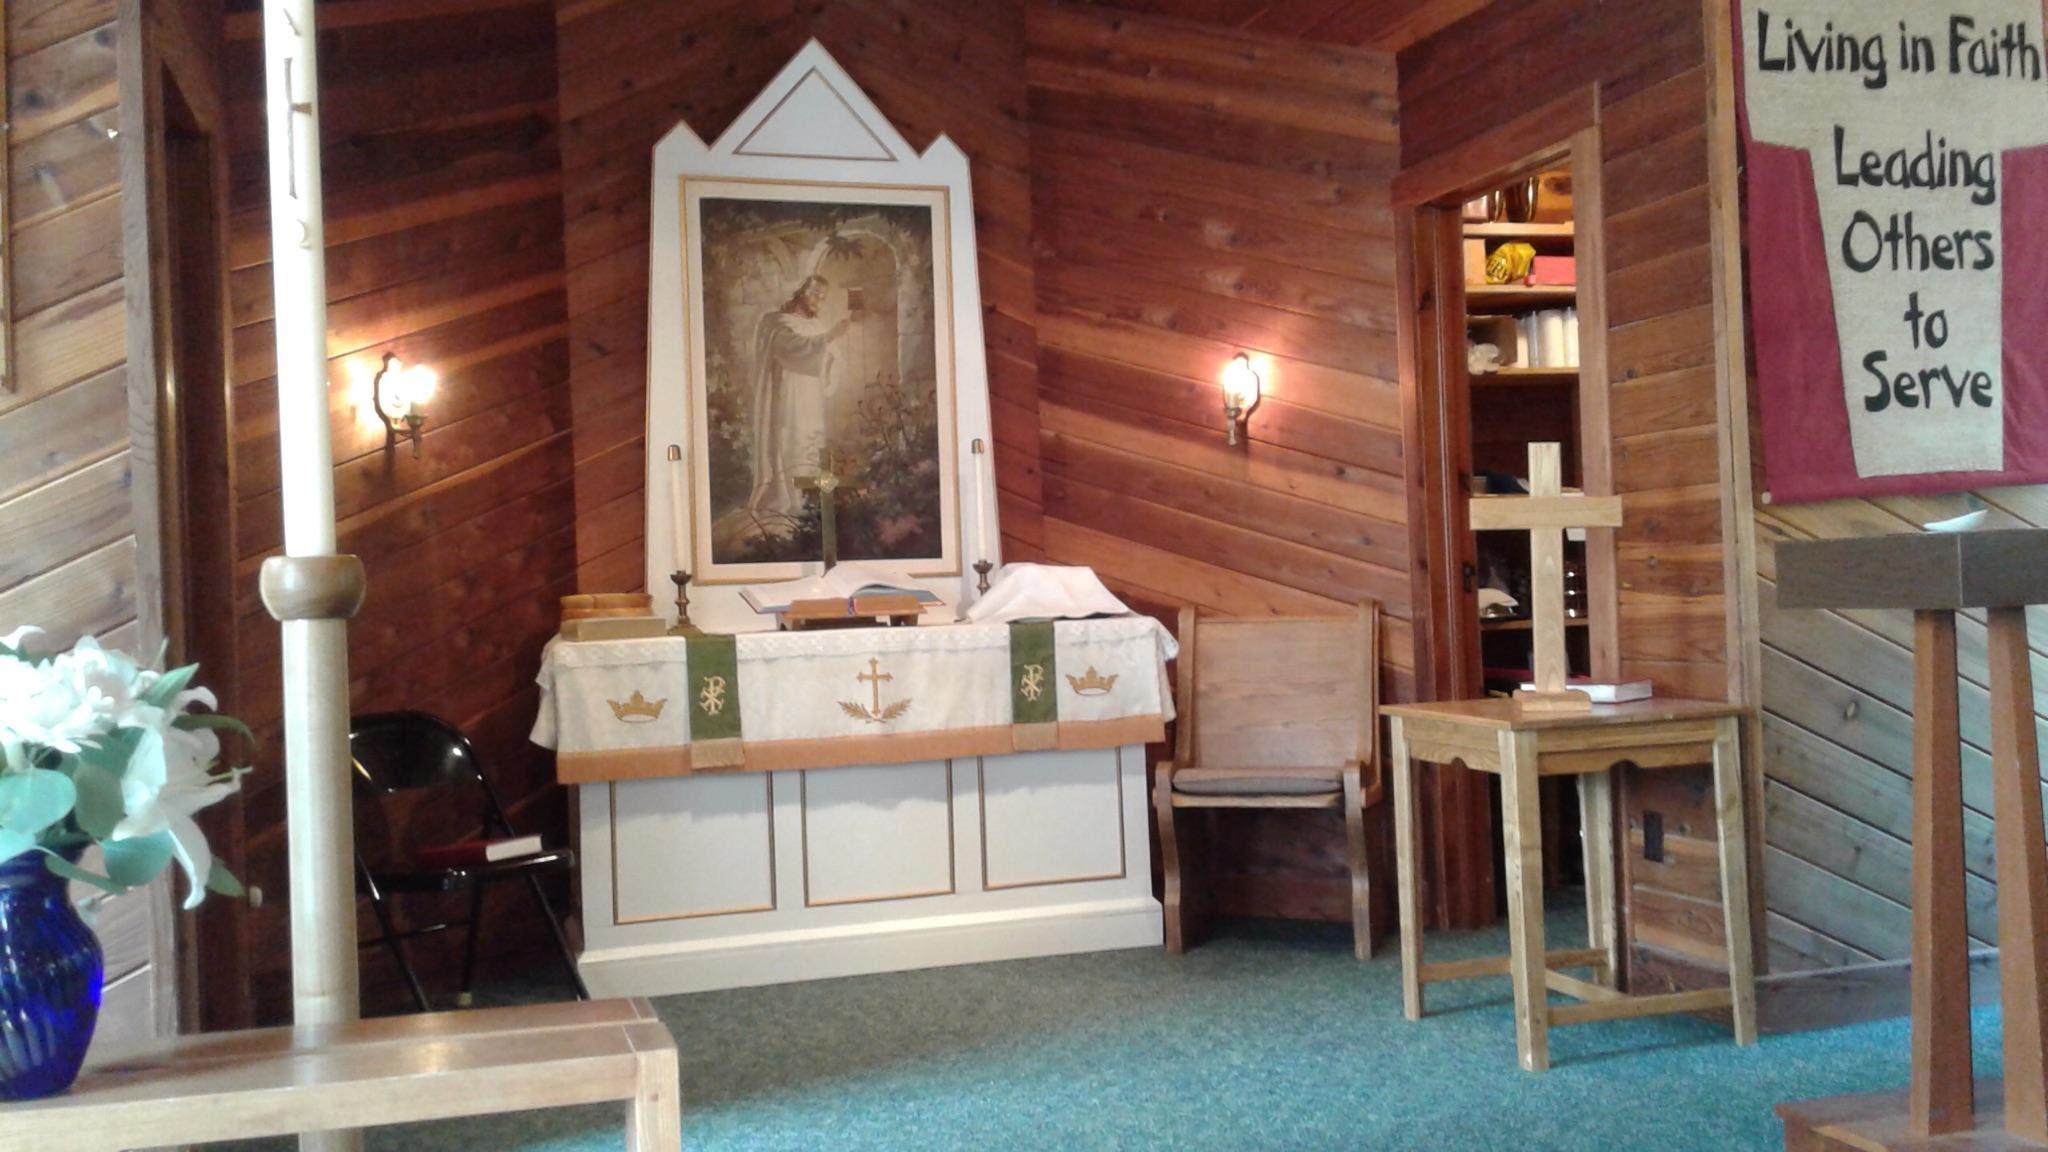 Bethesda Altar Photo